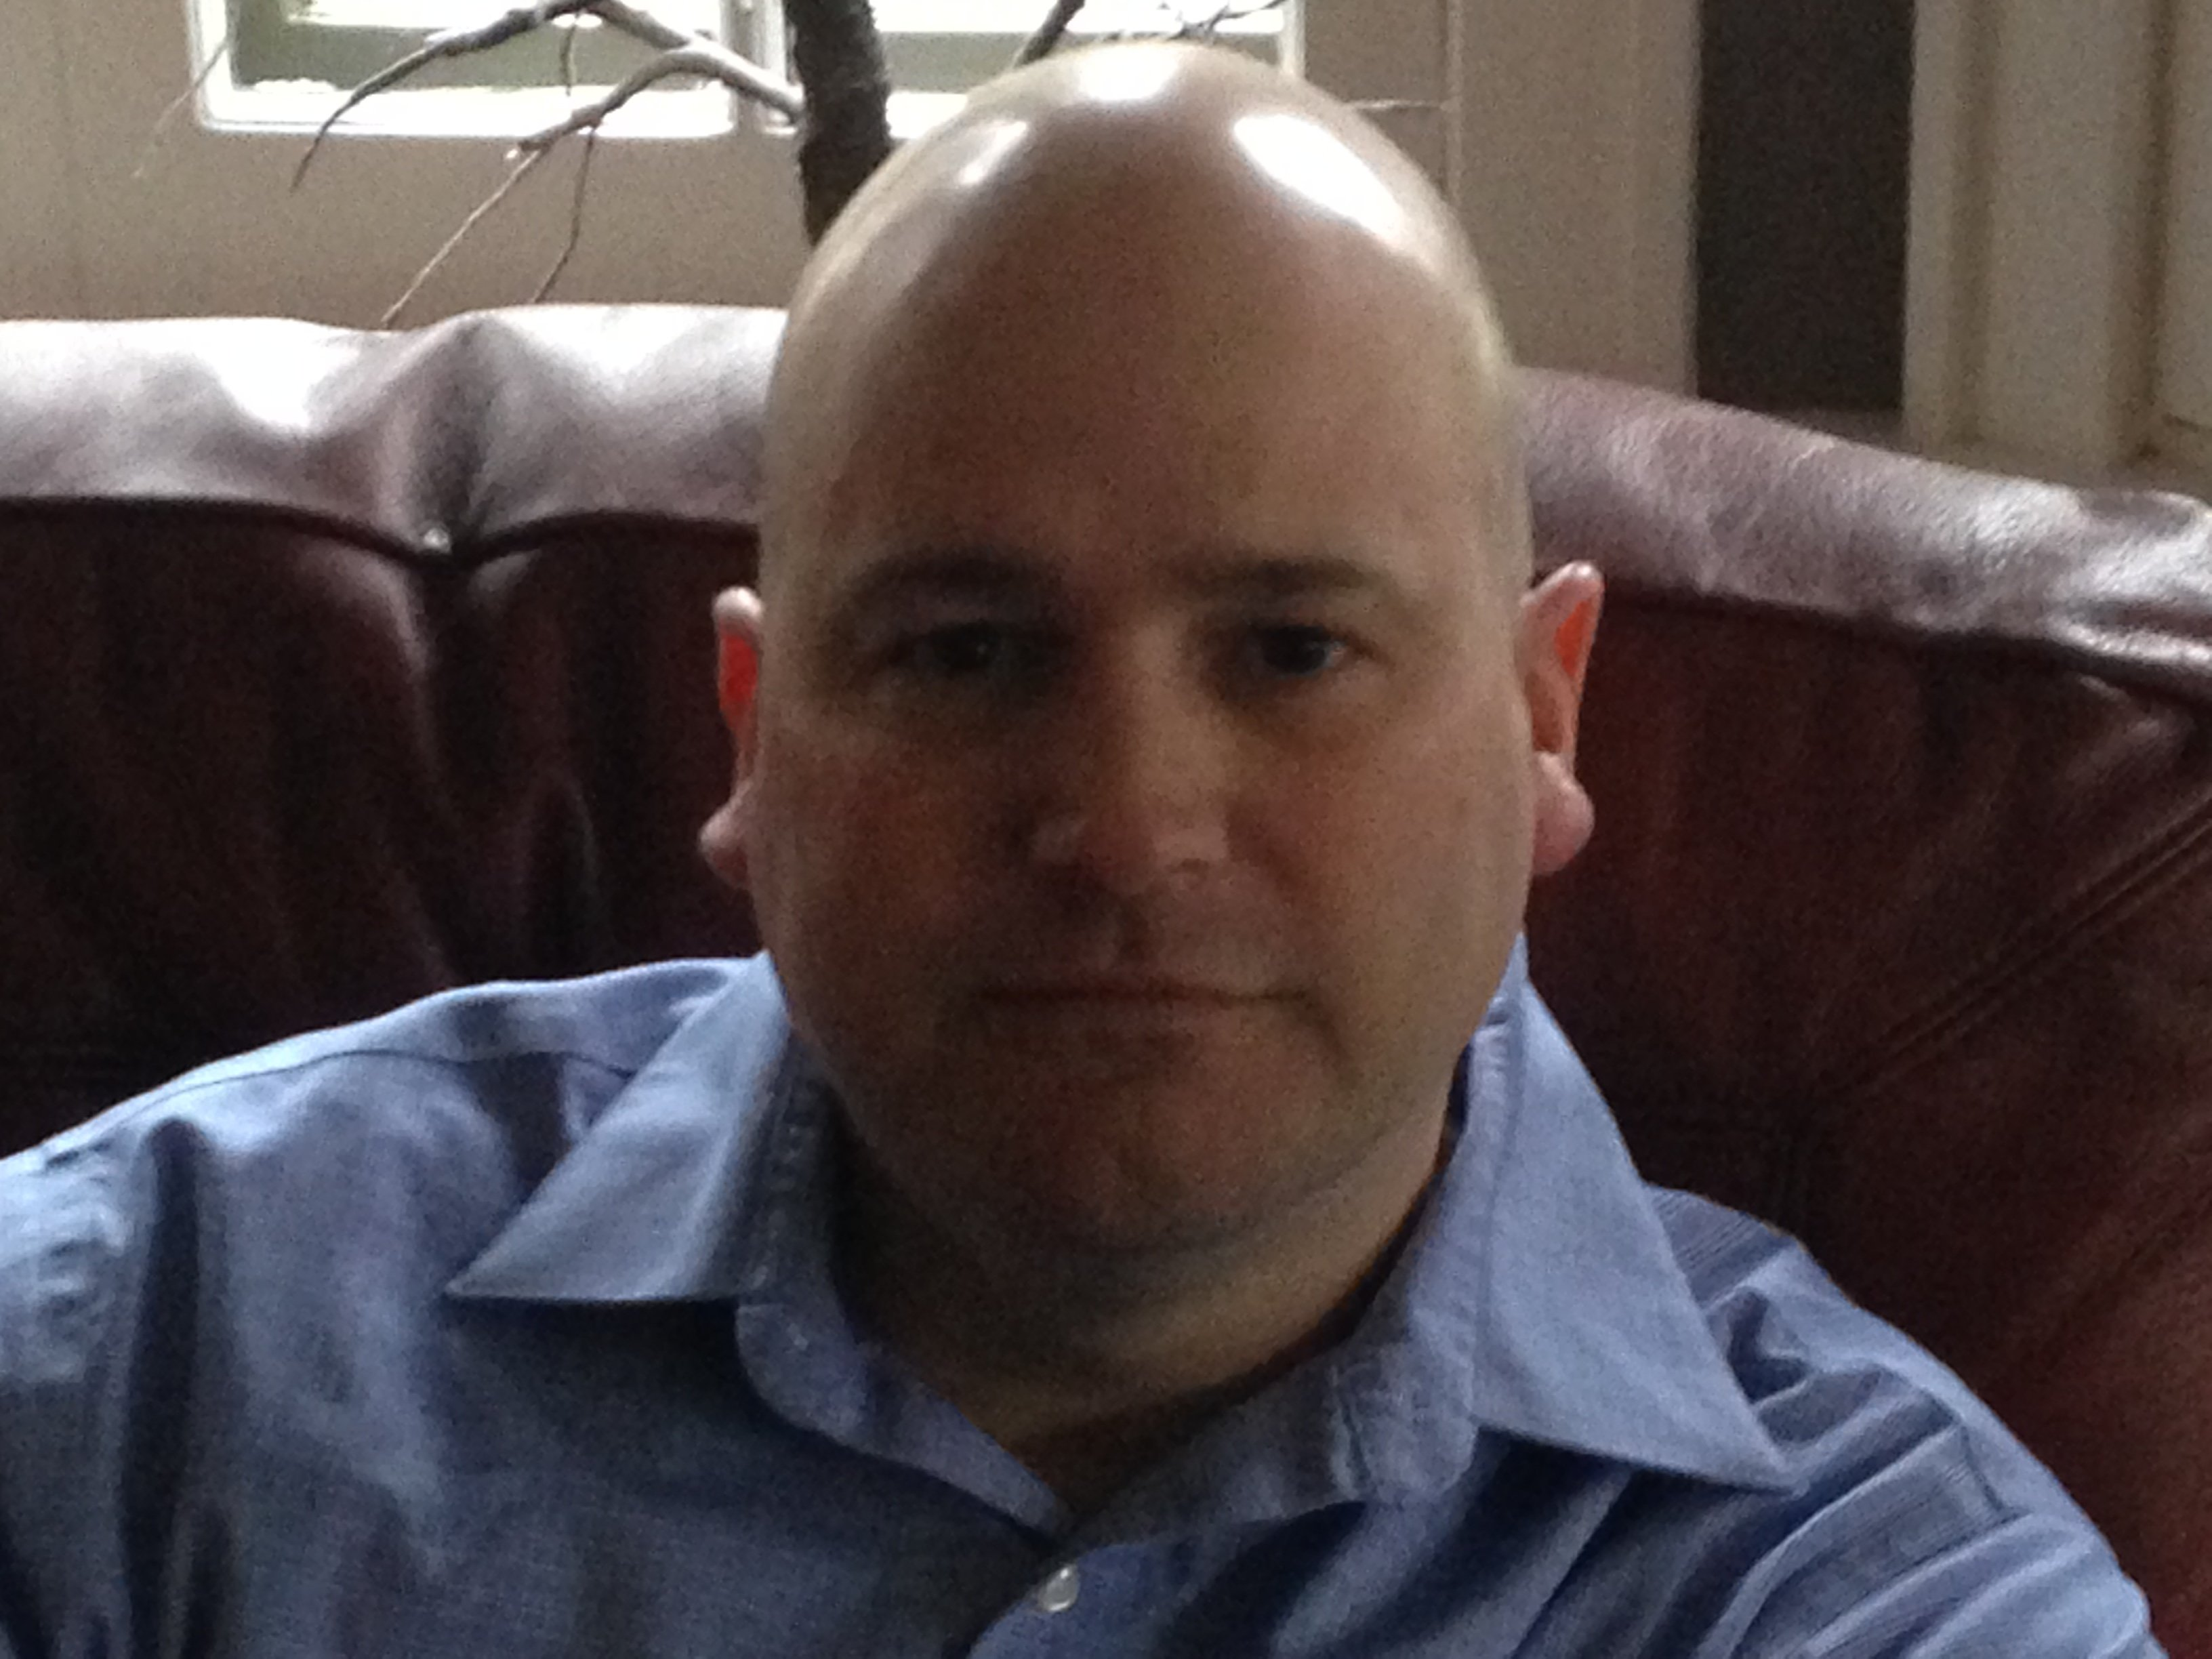 GregFullarton